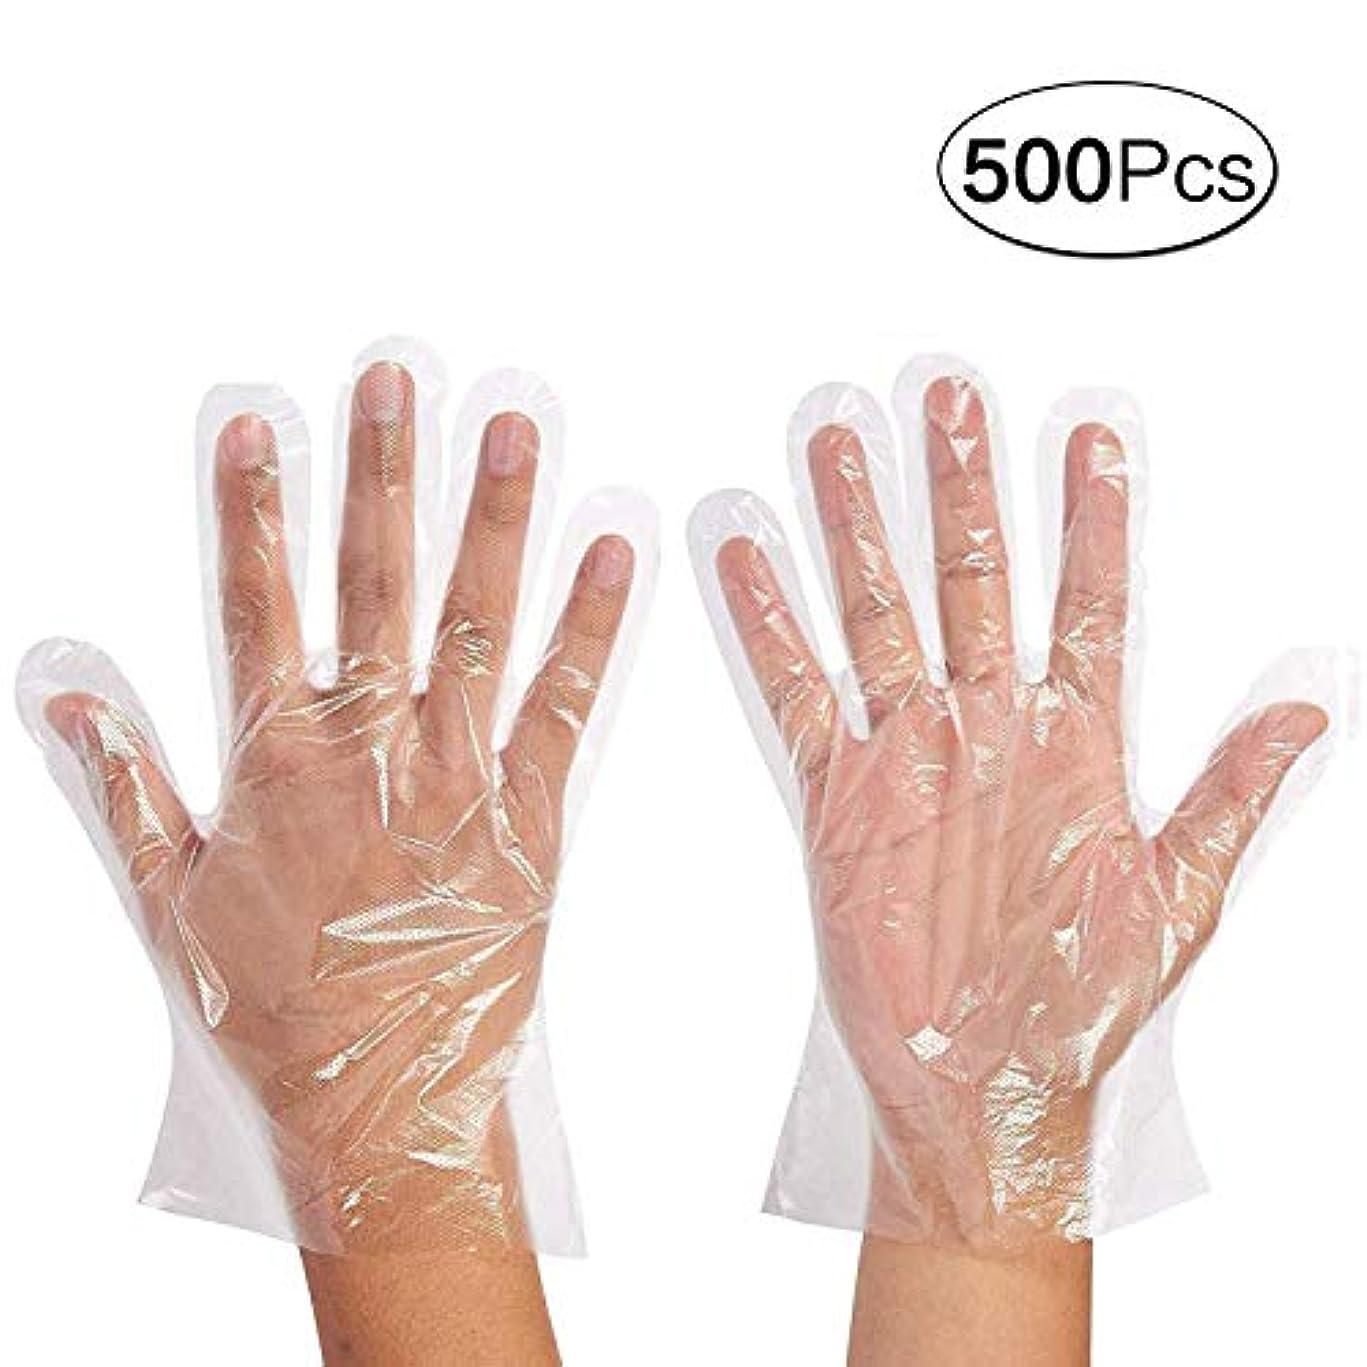 クリケットレッドデート服を着る使い捨て手袋 極薄ビニール手袋 ポリエチレン 透明 実用 衛生 500枚セット極薄手袋